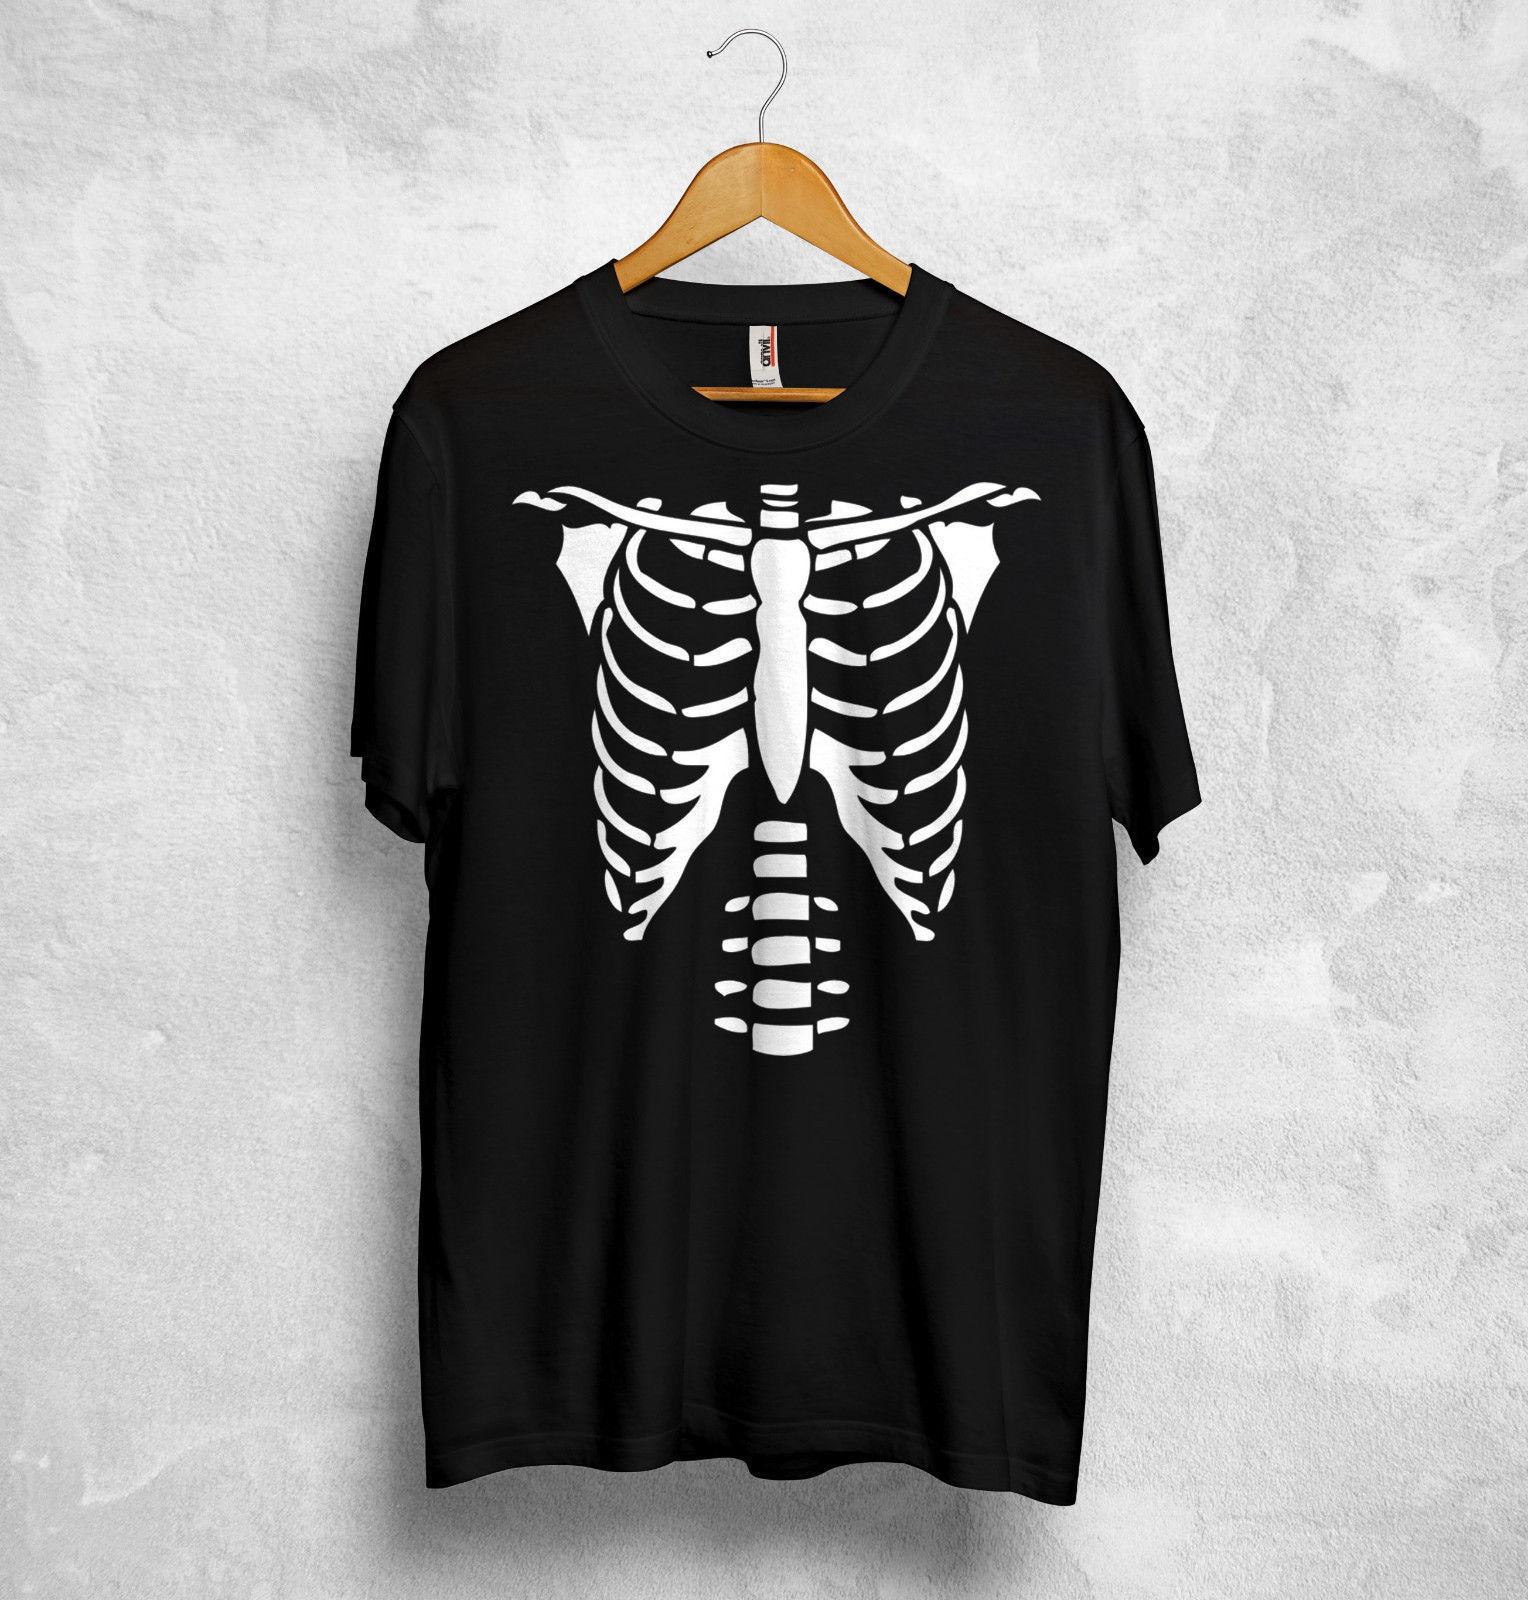 Compre Esqueleto De Jaula Cofre Camiseta Huesos De Halloween Traje De Miedo  Zombi Fantasma Horror Adulto Estilo Chino Para Hombre Camiseta De Algodón A  ... 1e016bd3aab67